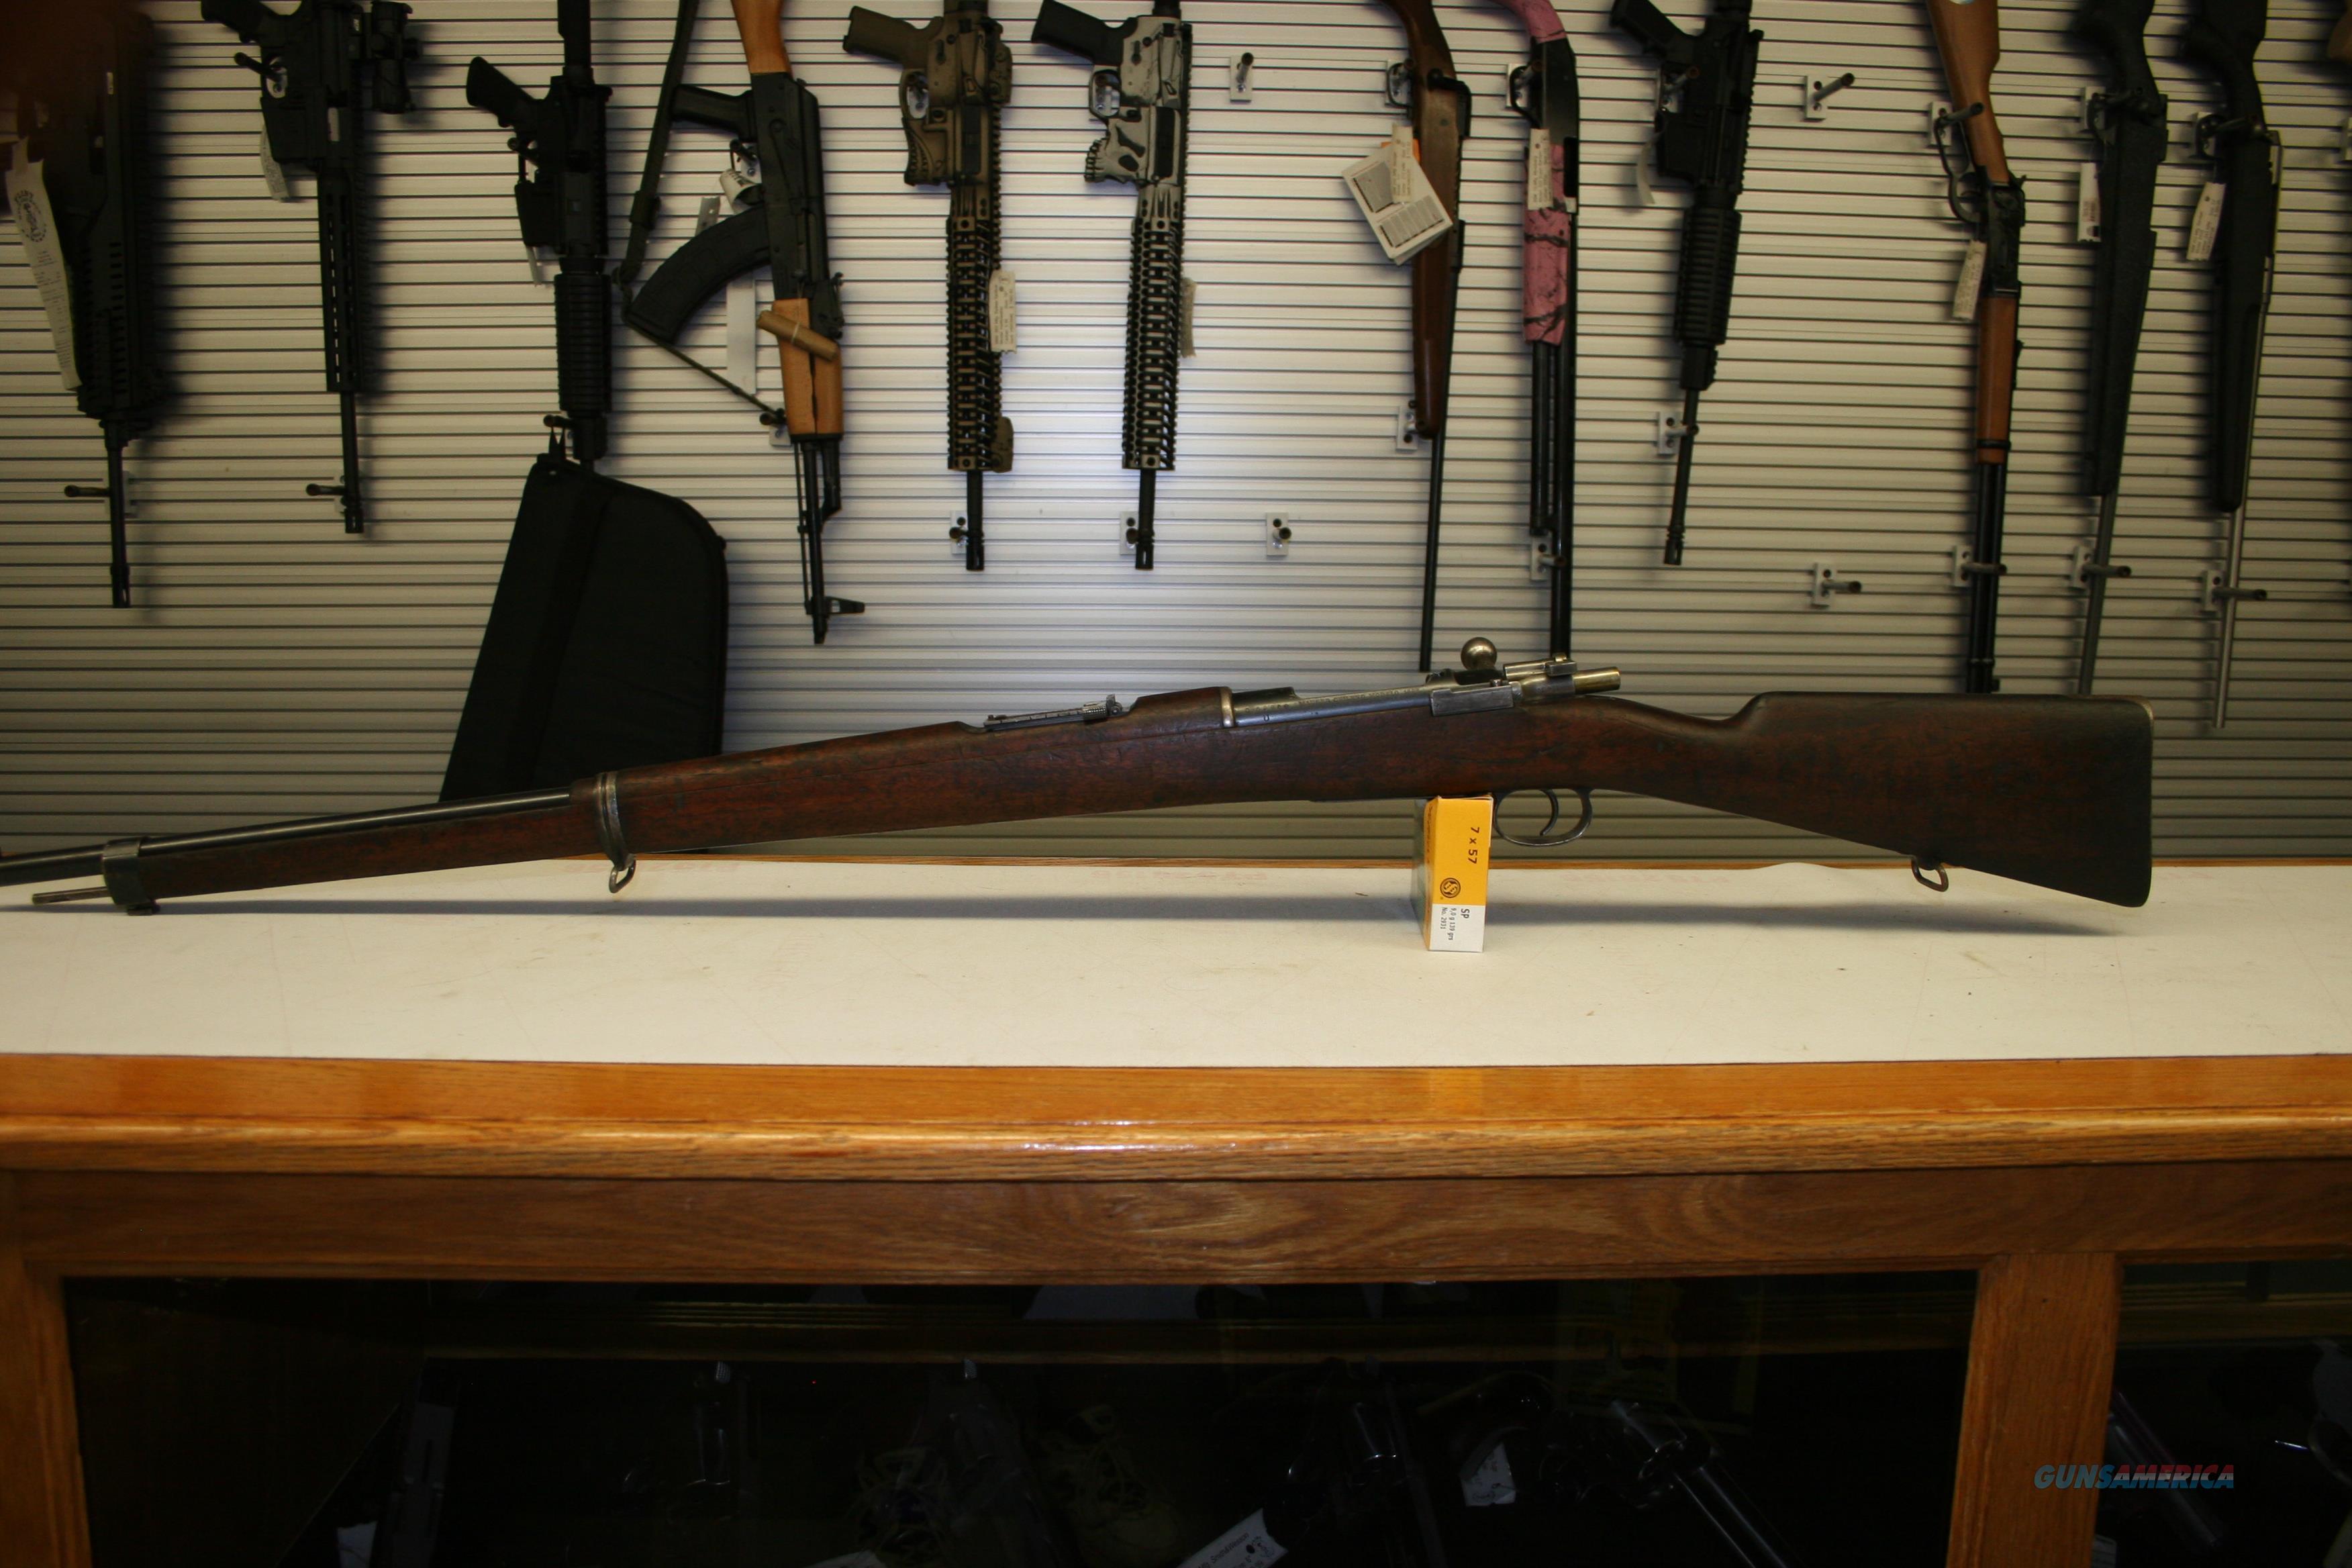 Chilean Mauser MODEL 1895 (LOEWE Berlin) Bolt Action Rifle ~ 7x57mm Mauser  Guns > Rifles > Mauser Rifles > German